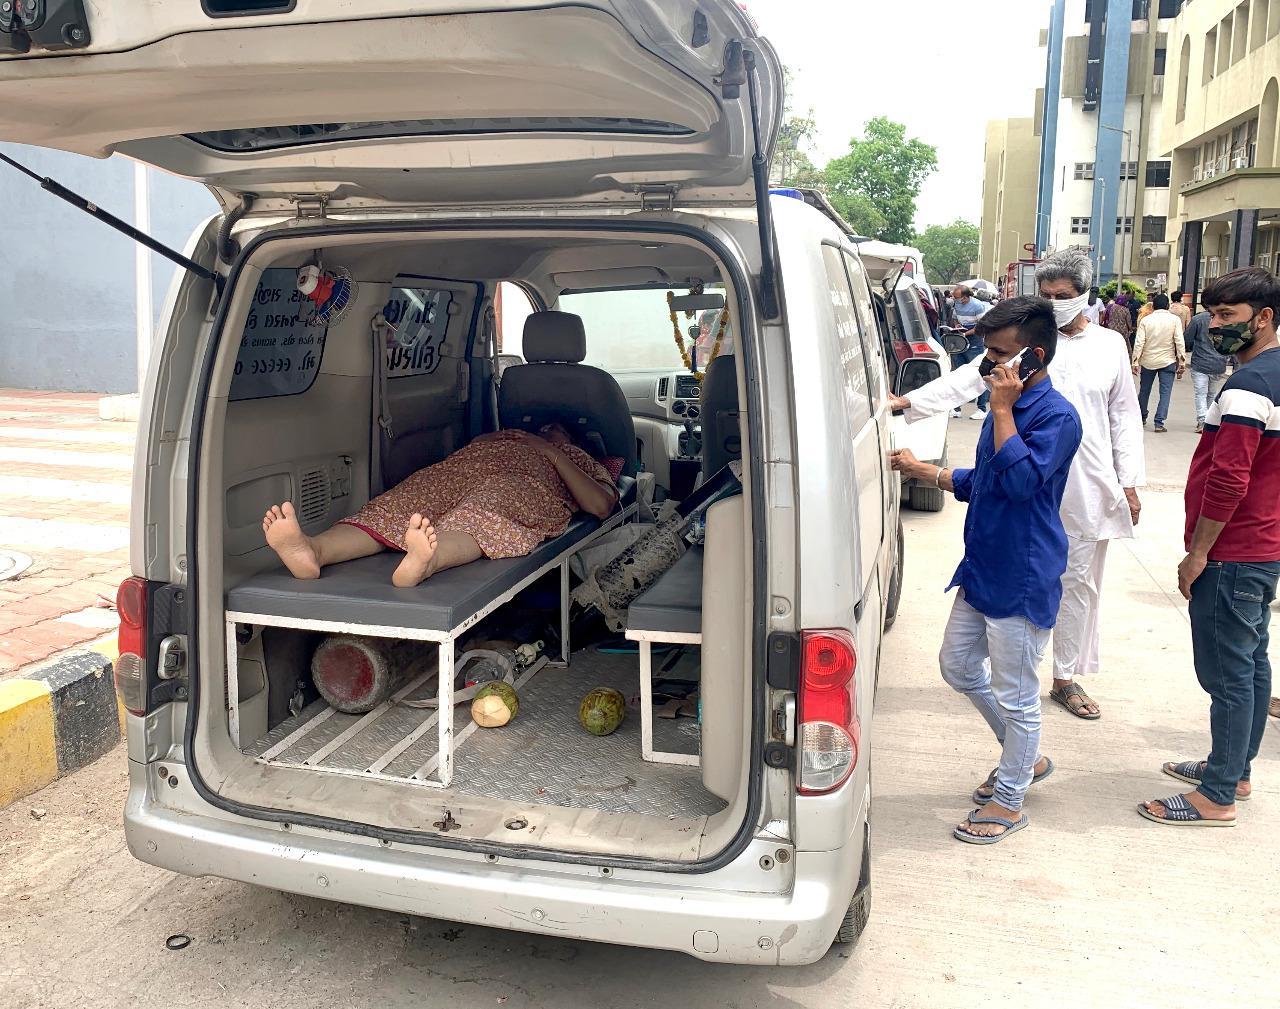 WHOએ કોવિડના ભારતીય વેરિયન્ટને વૈશ્વિક સ્તર પર ચિંતાજનક કેટેગરીમાં દર્શાવ્યો